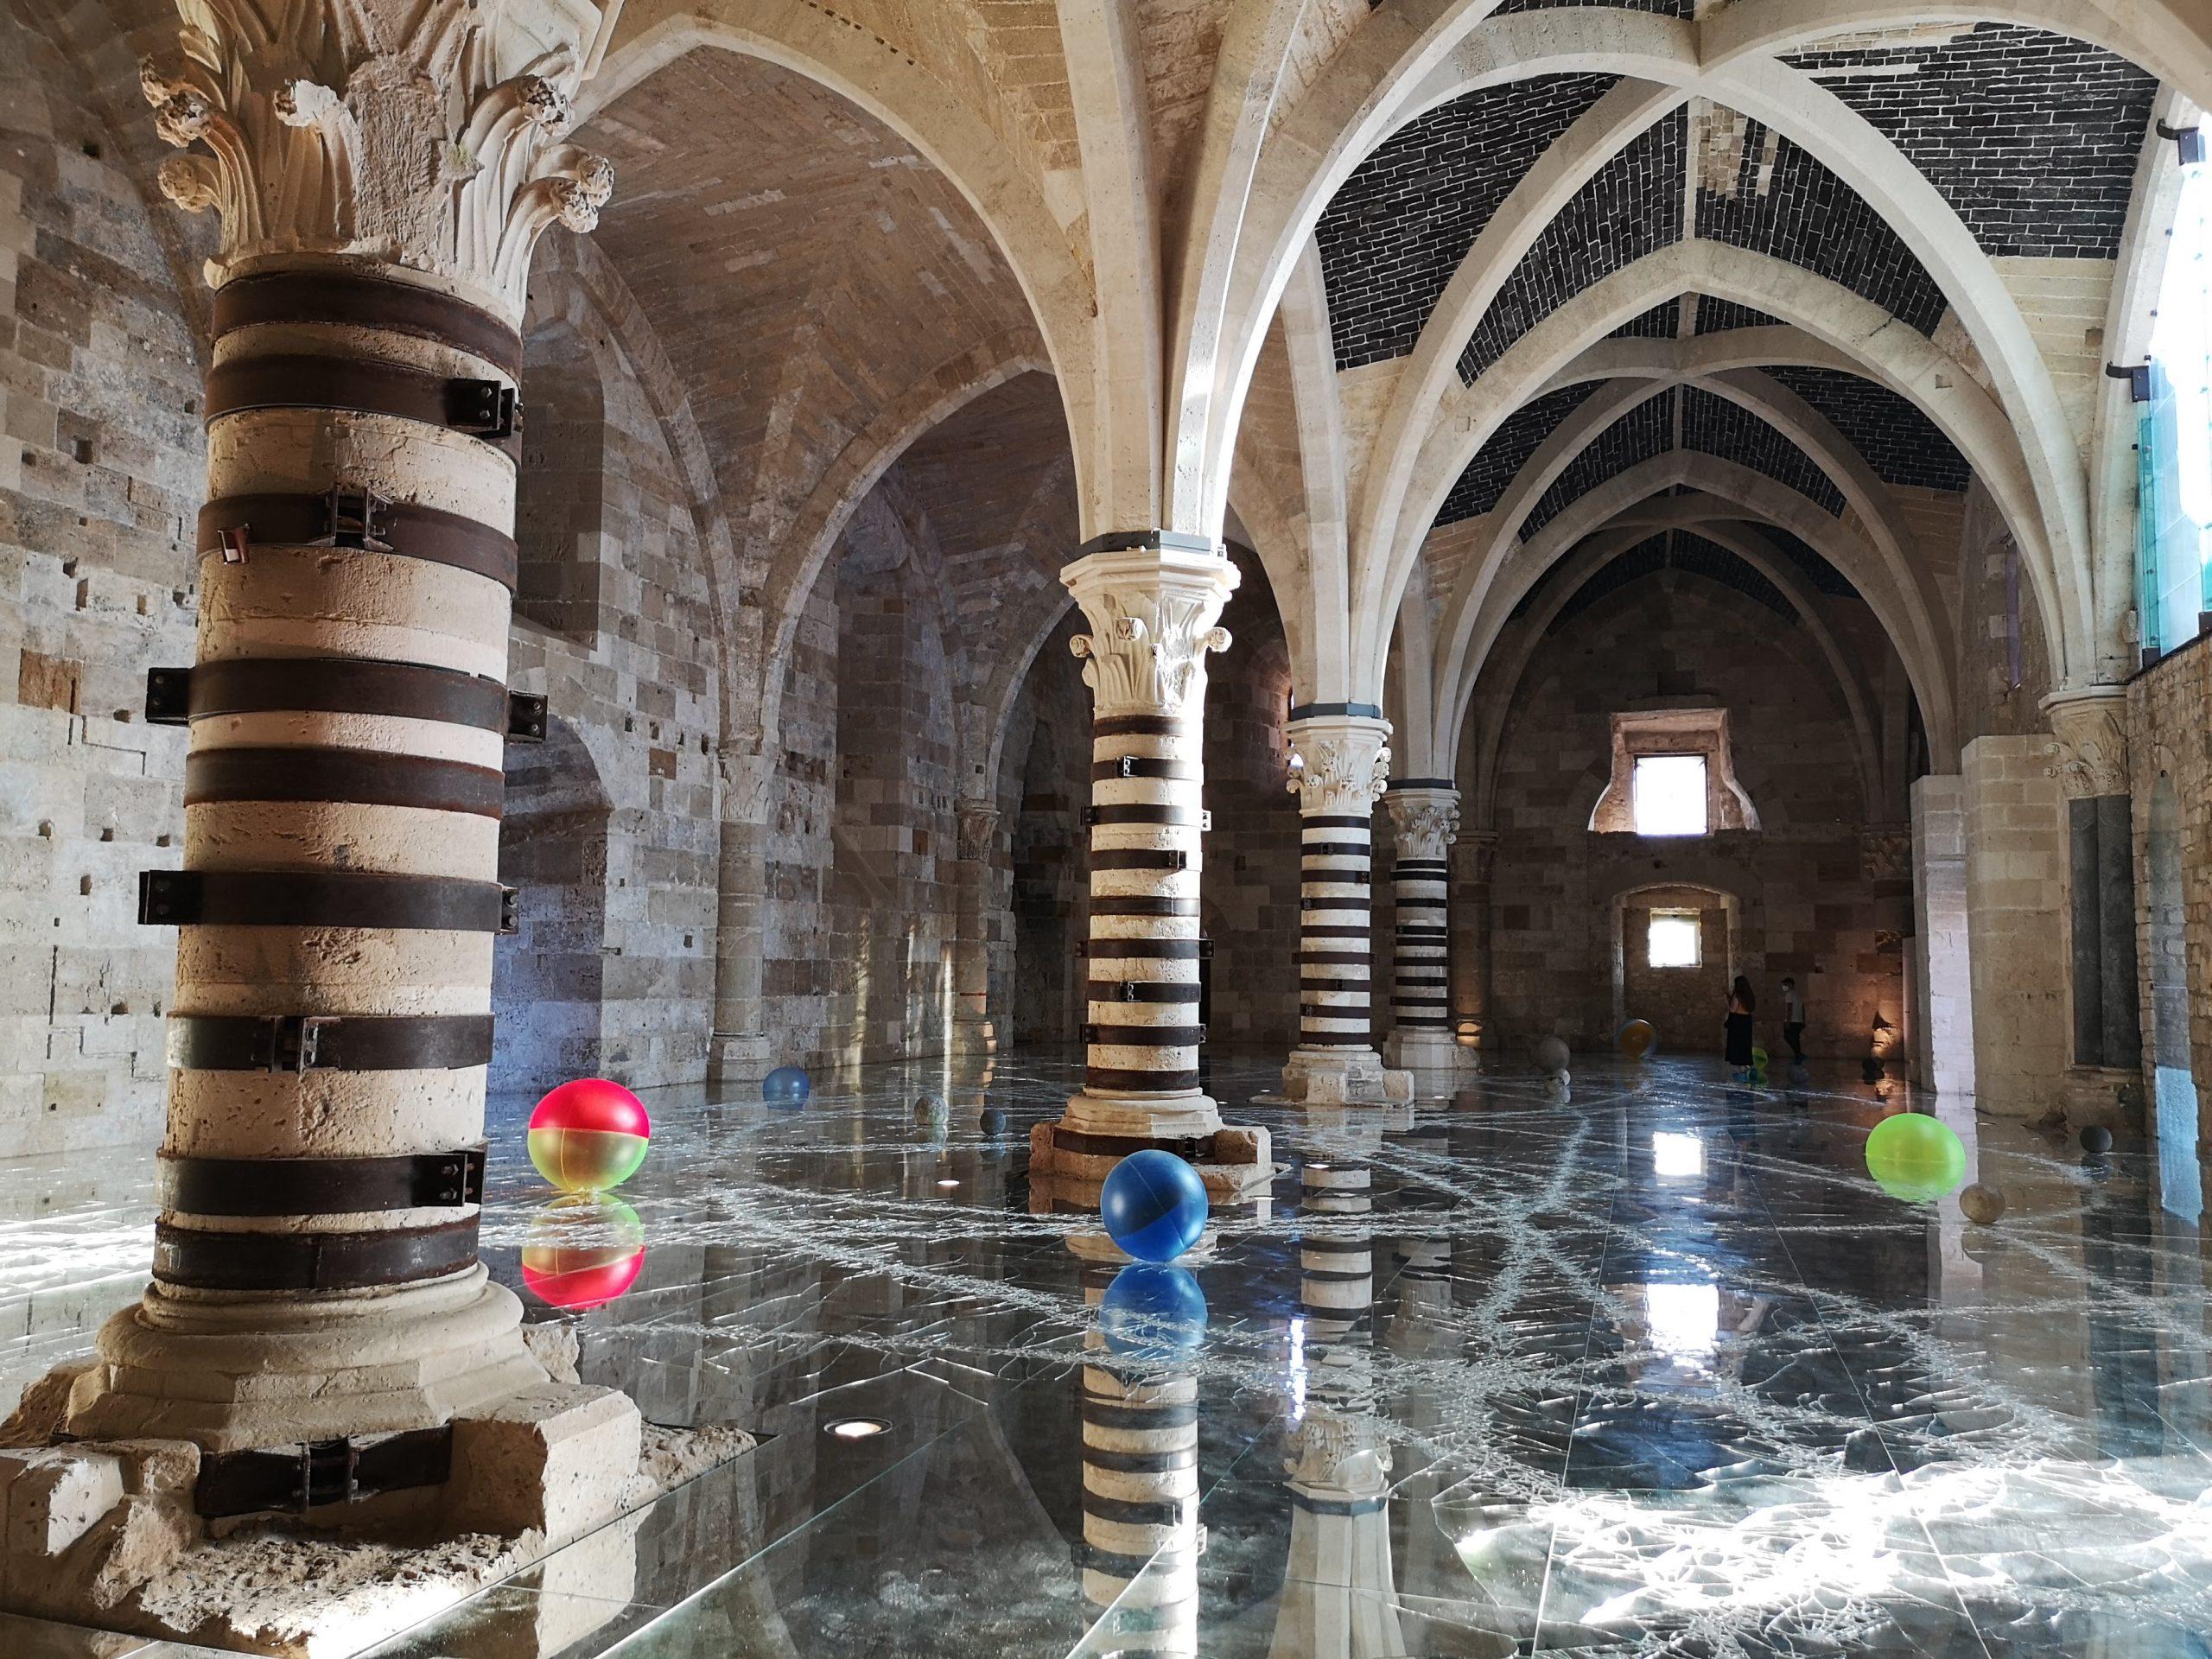 Sala interna con colonne e archi del castello Maniace di Siracusa